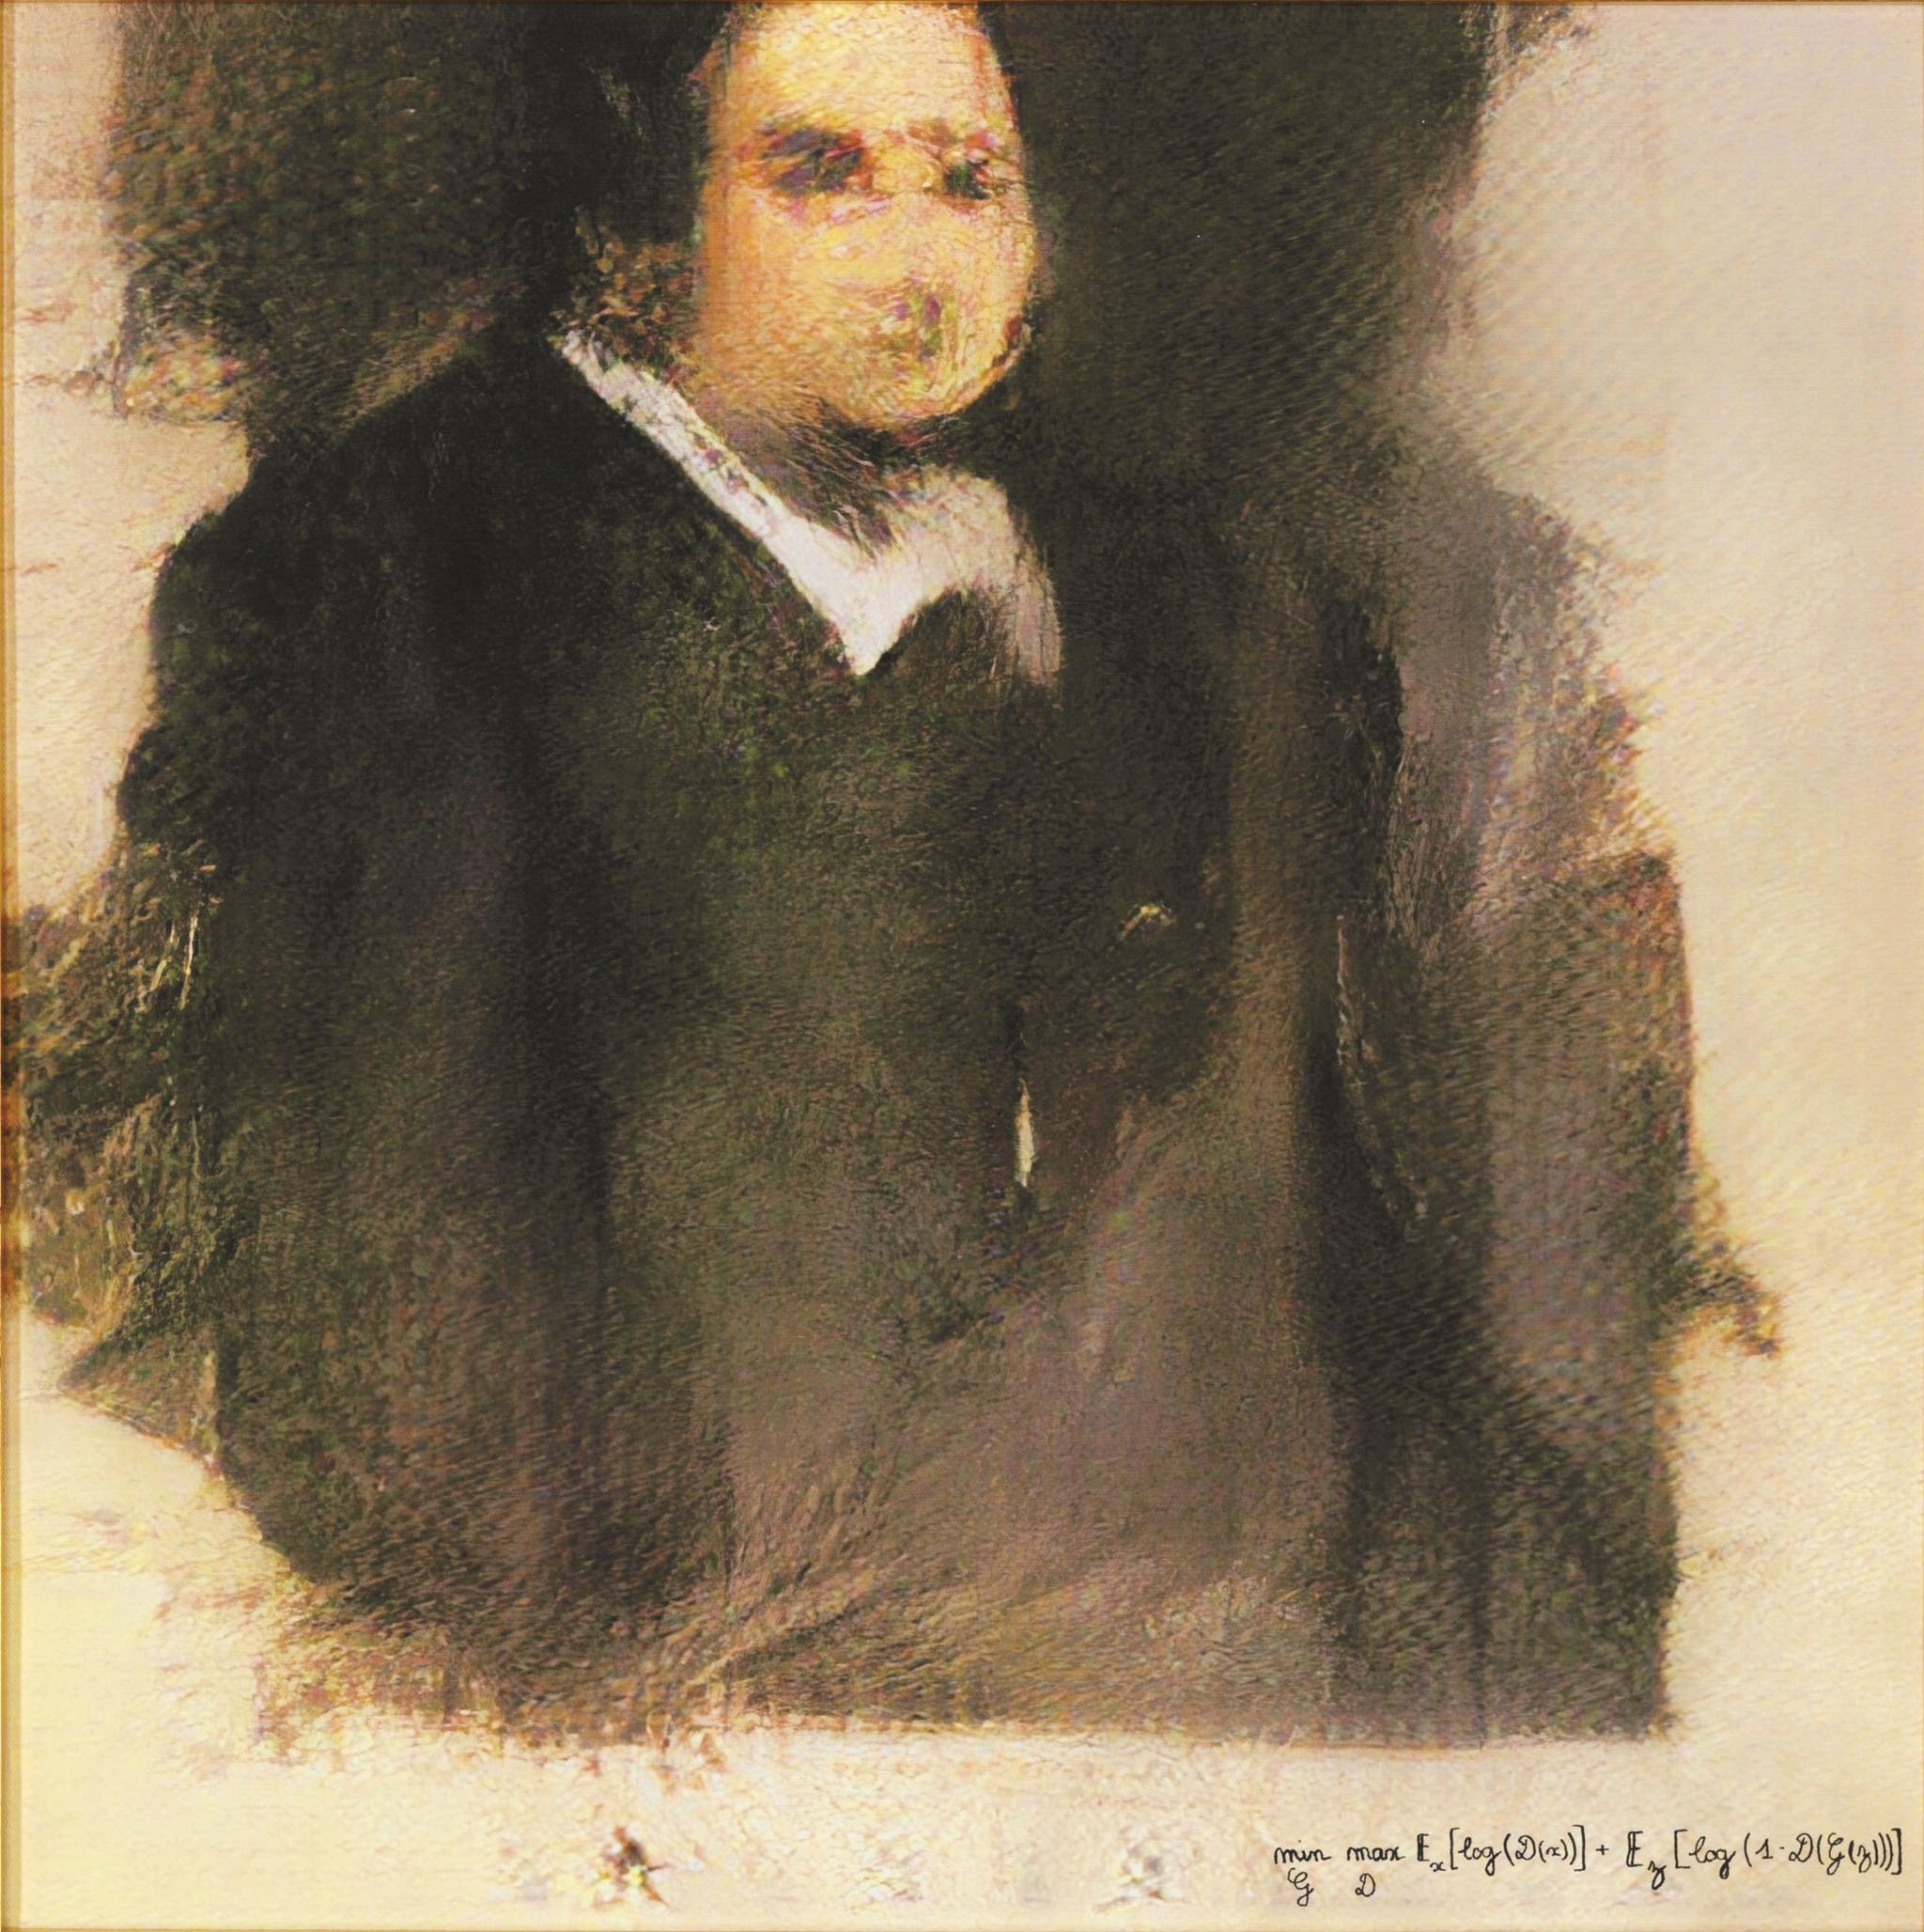 Das Bild zeigt ein von einer Artificial Intelligence gezeichnetes Gemälde, genauer gesagt ein Portrait von einem Mann.